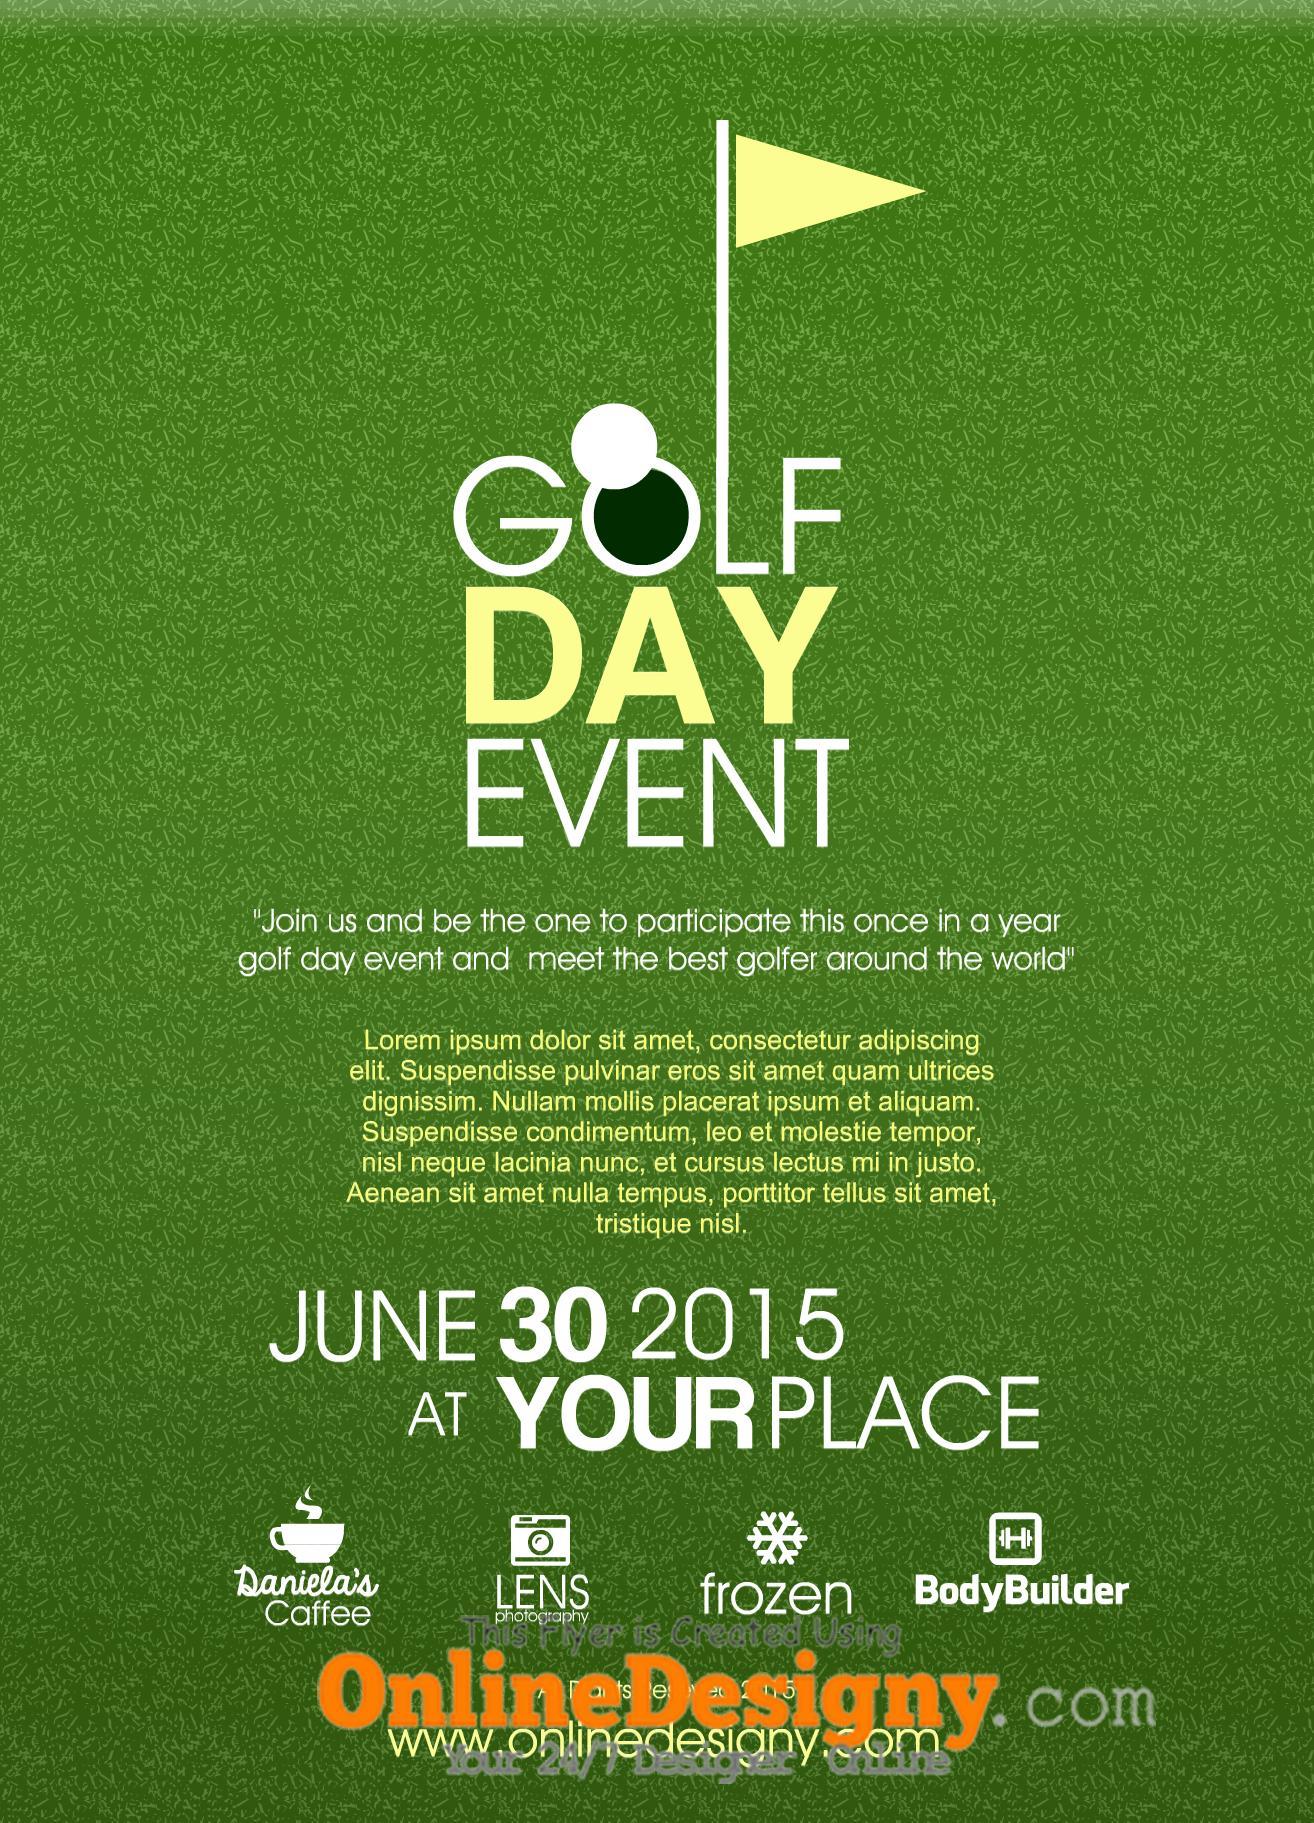 Corporate Golf Day Invite Template